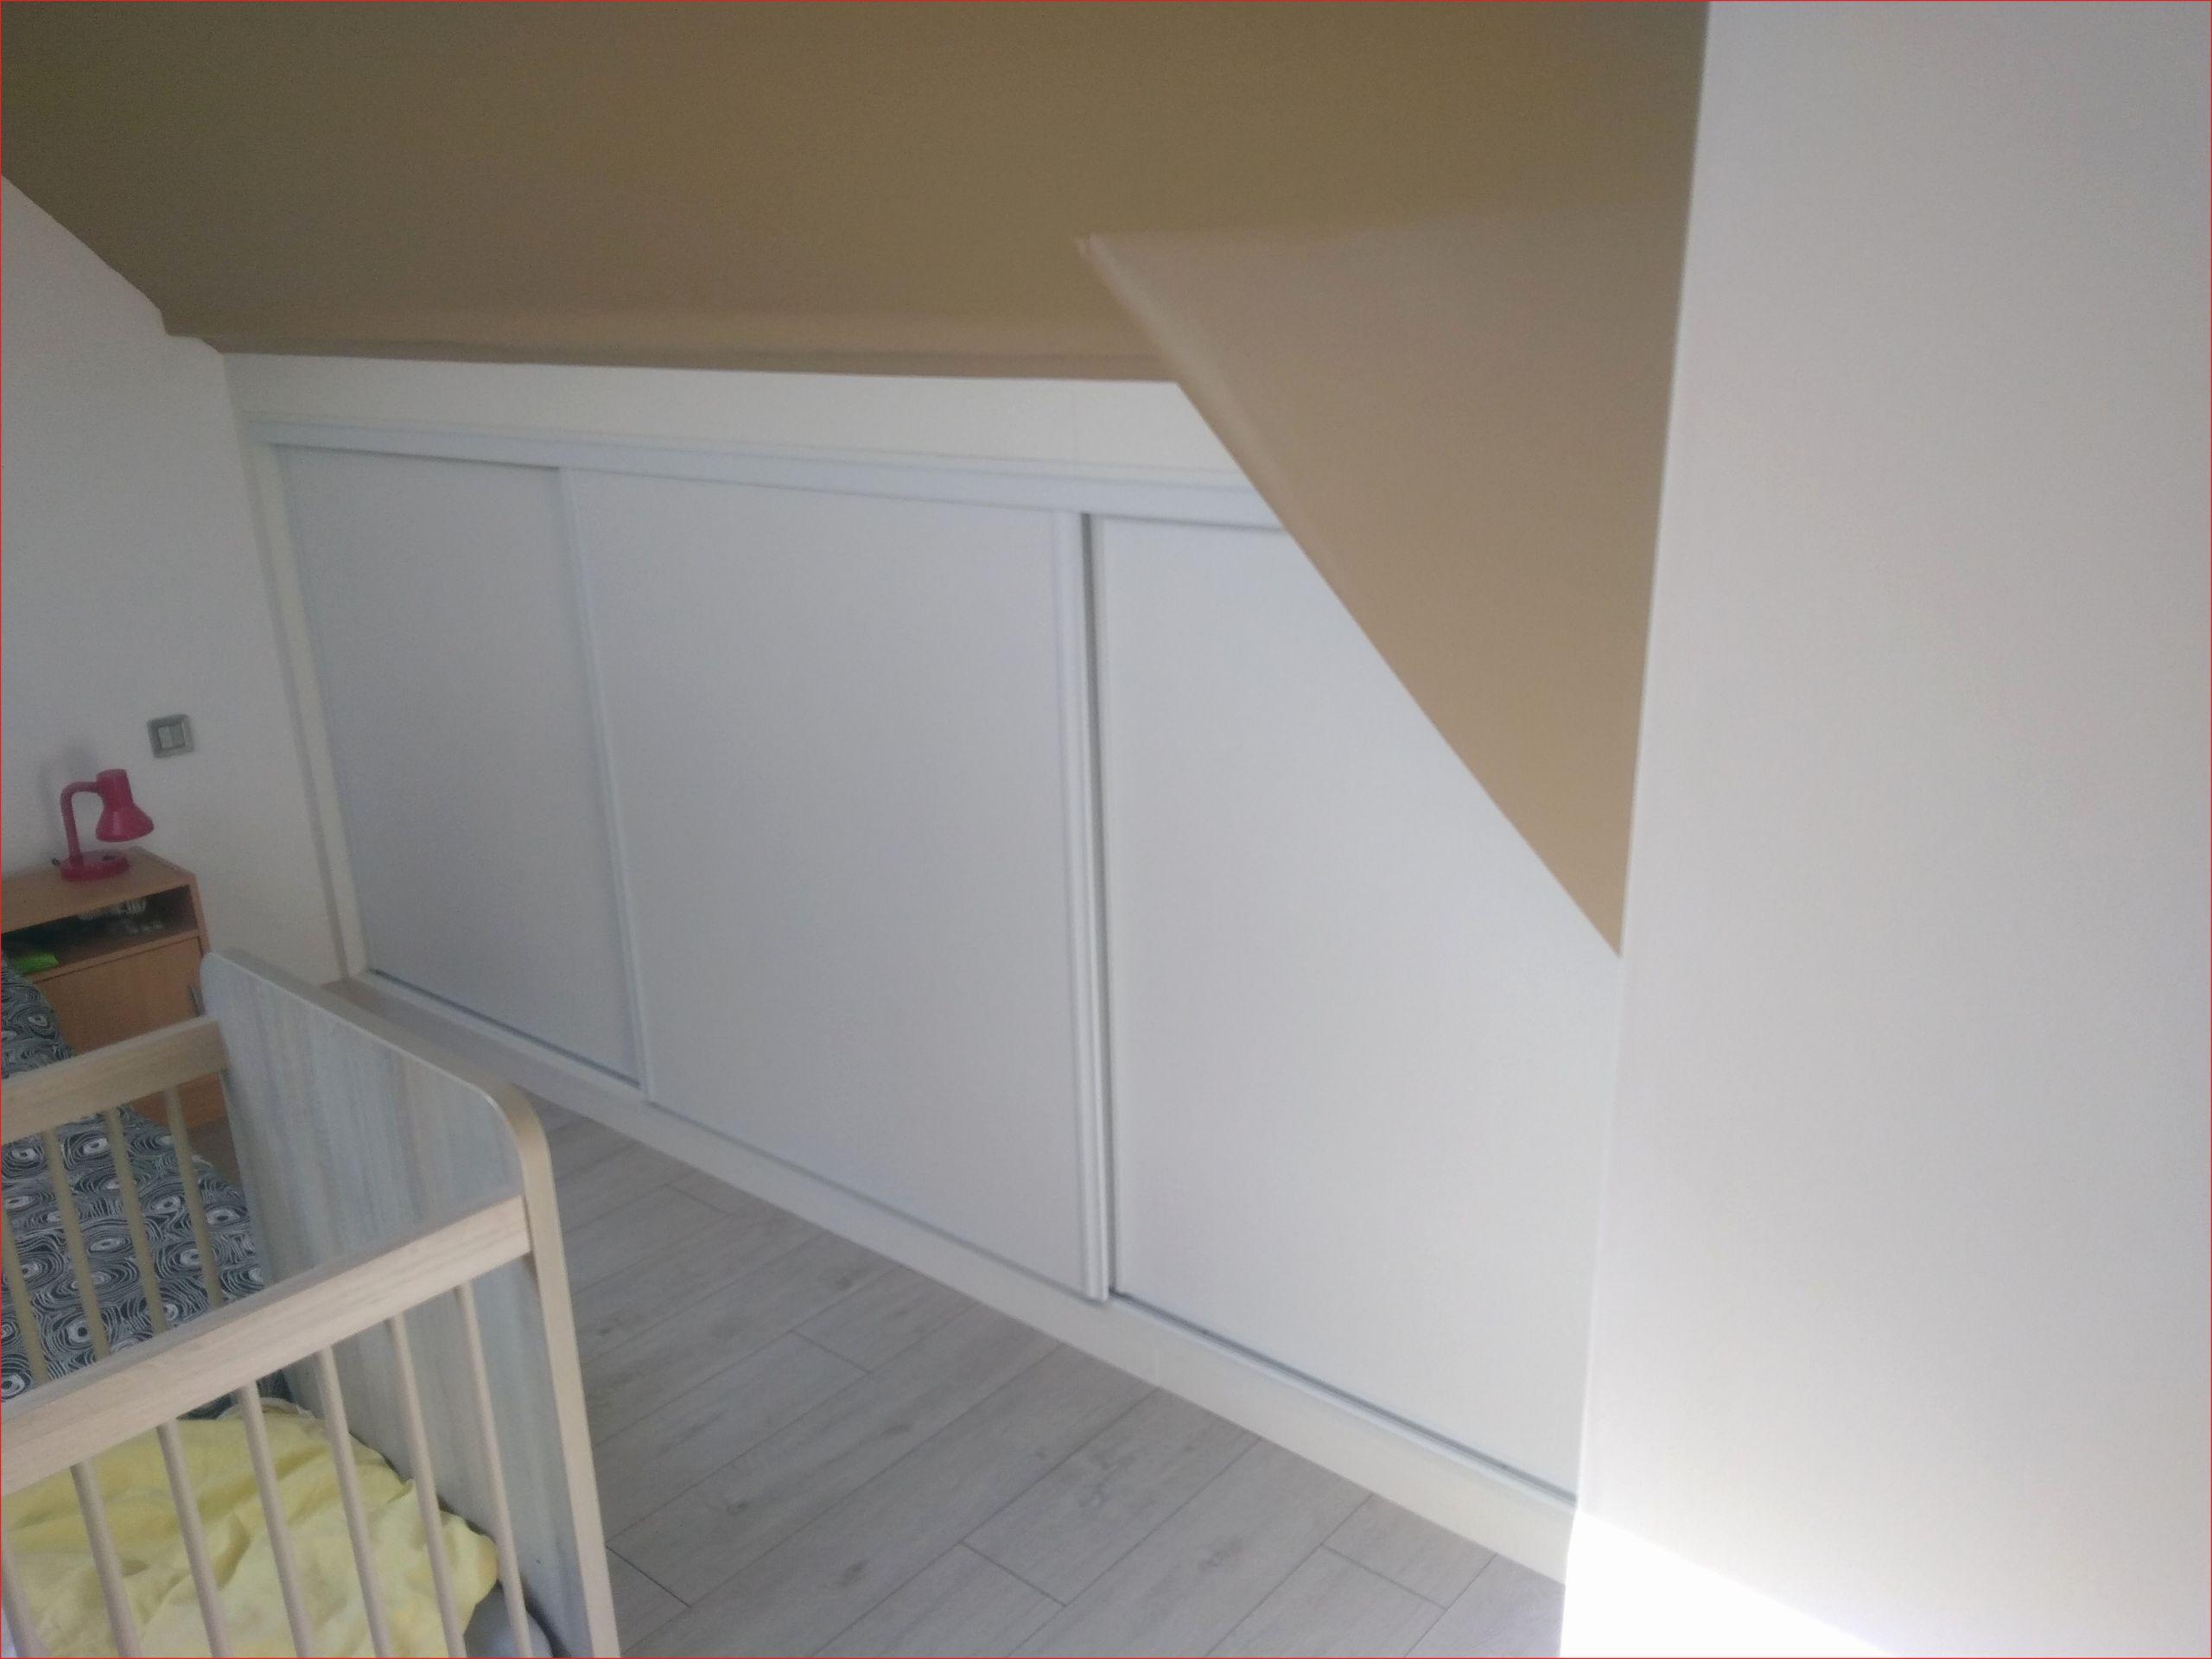 porte de placard sous pente 542 31 meuble sous pente brico depot tr s populaire of porte de placard sous pente